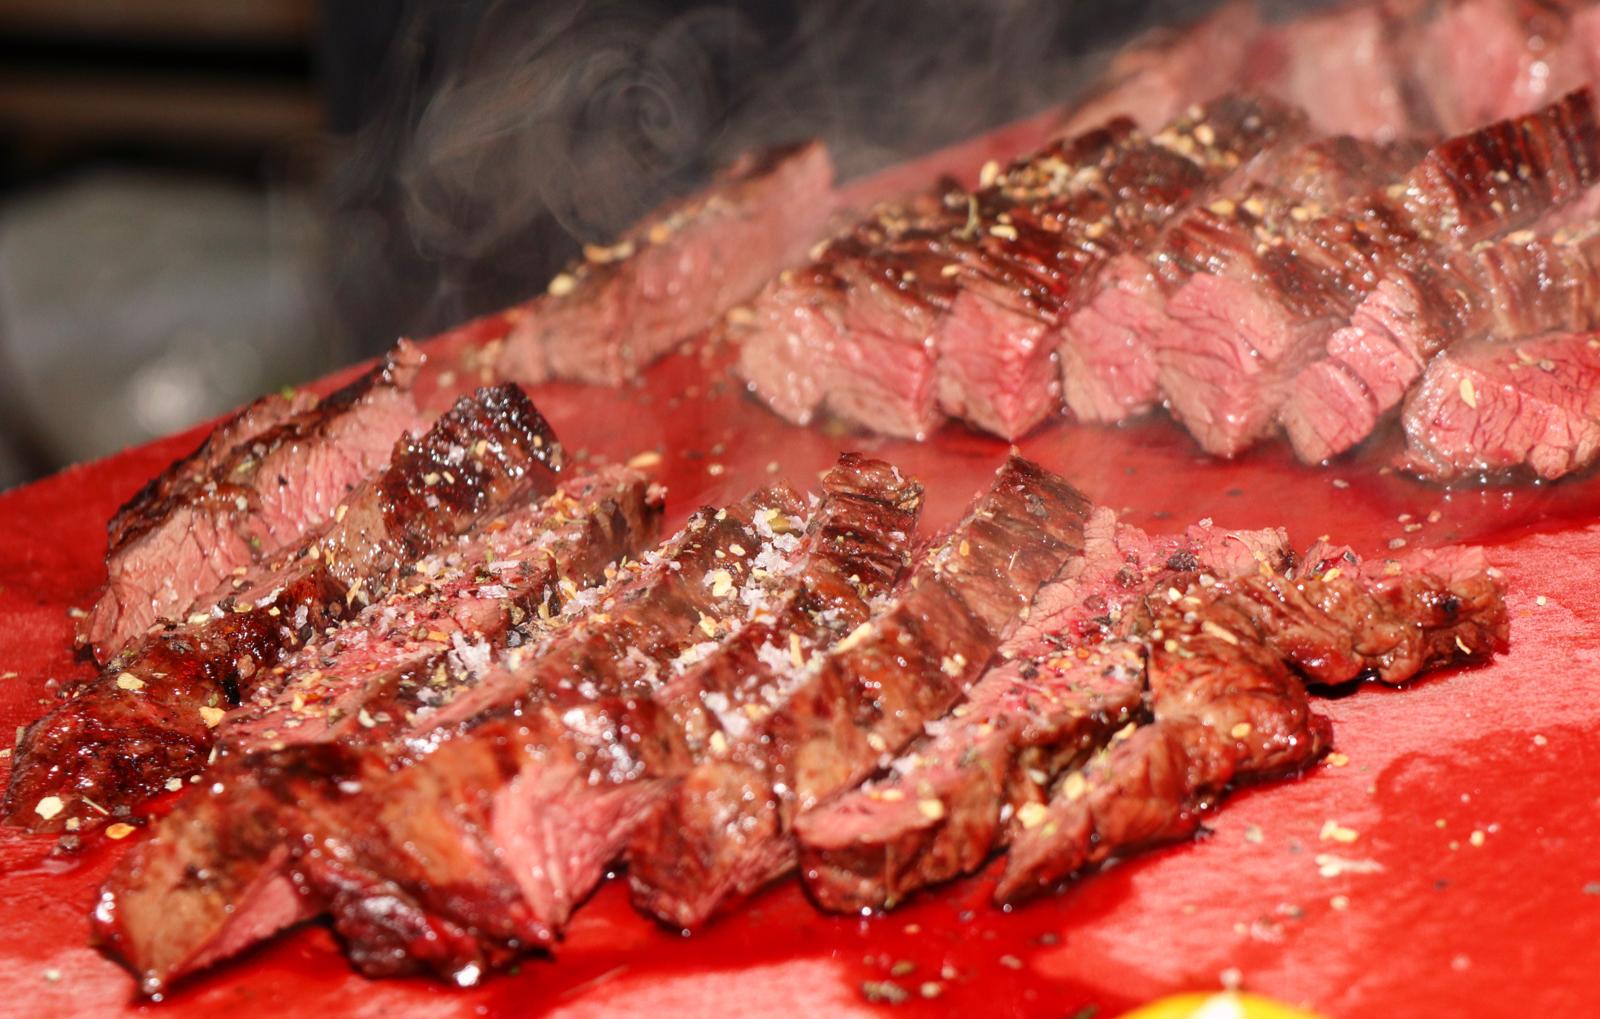 steak-tasting-chemnitz-bg4